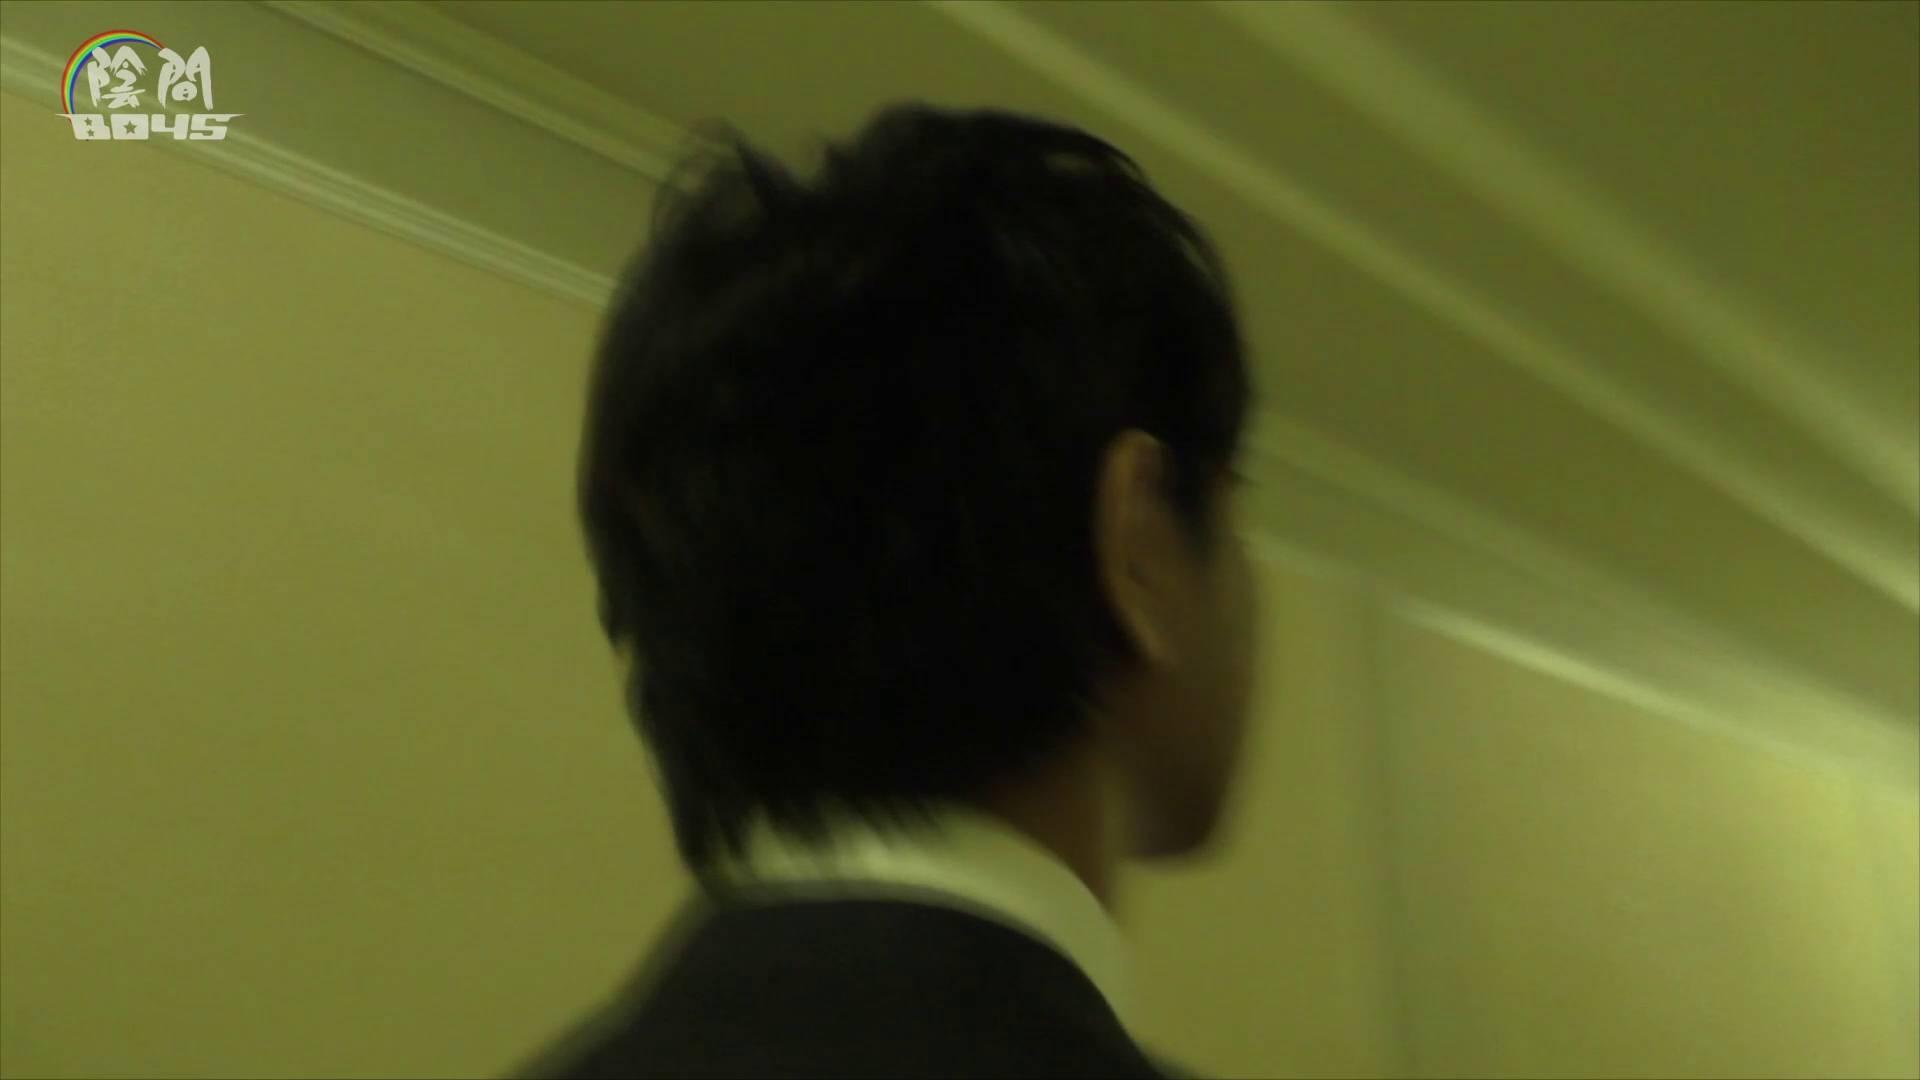 陰間BOYS~キャバクラの仕事はアナルから4 Vol.01 三ツ星盗撮 ゲイ無修正動画画像 108pic 33